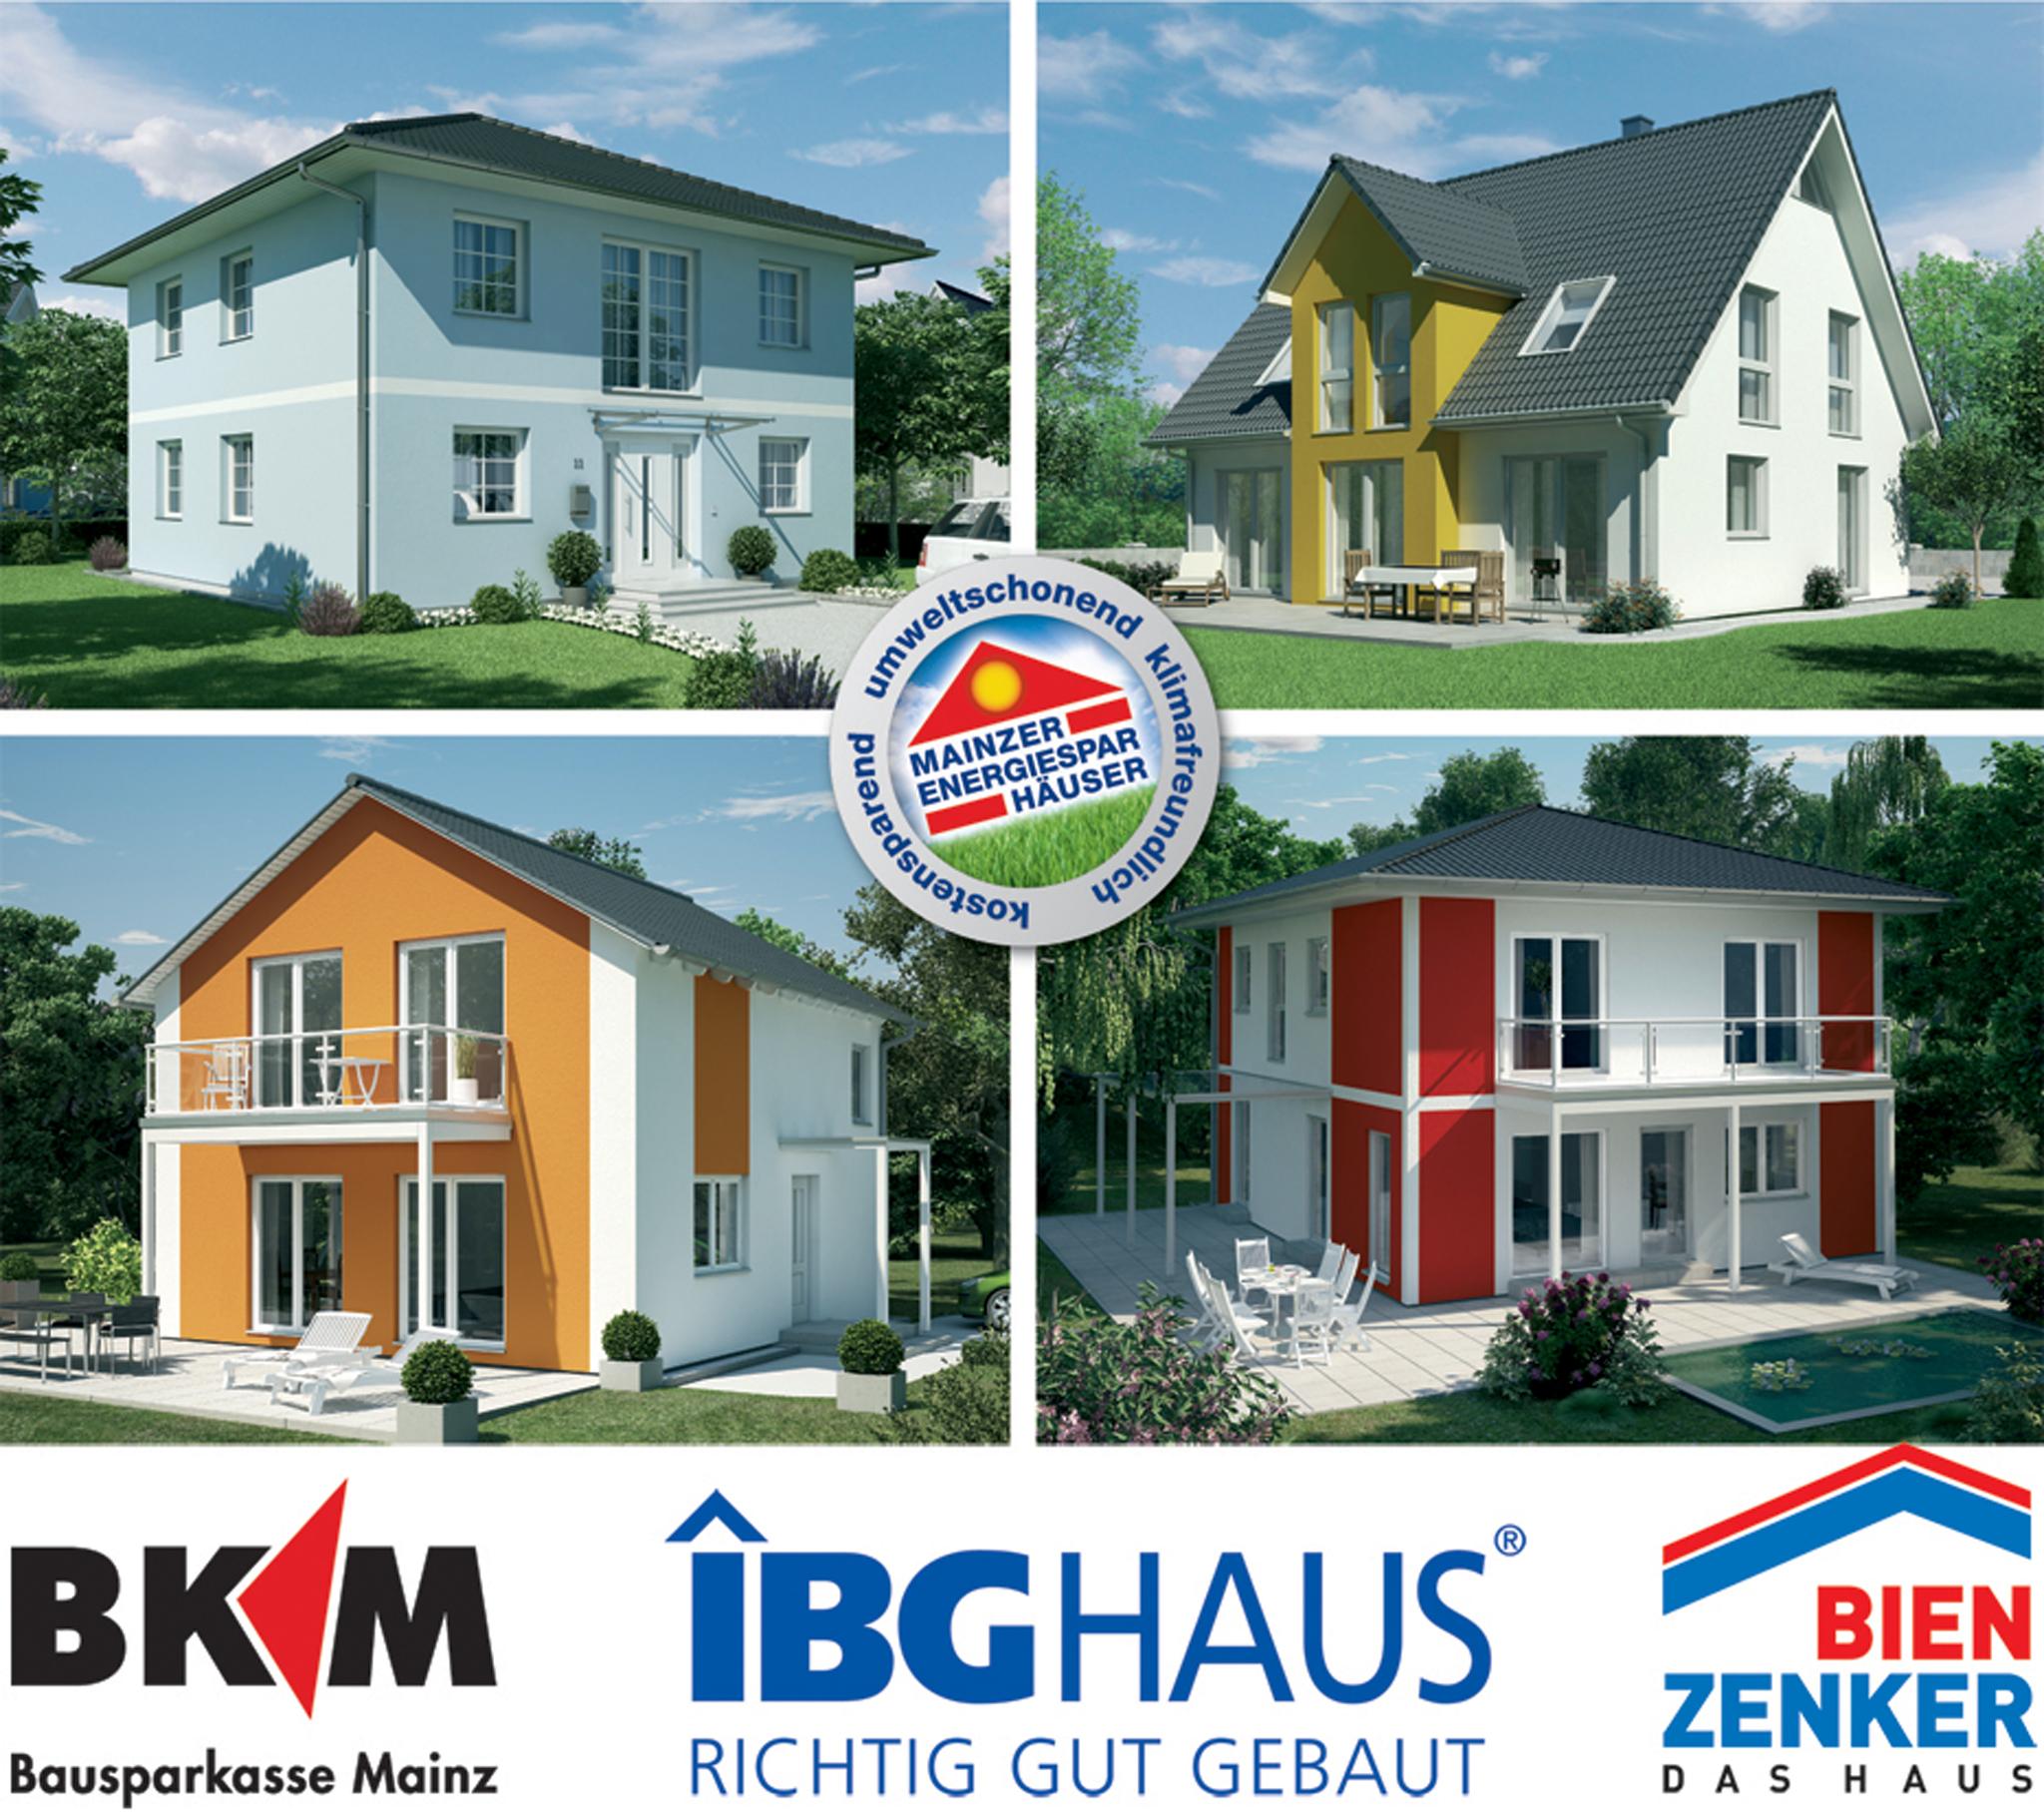 ^ BKM entwickelt mit IBGHUS und Bien Zenker